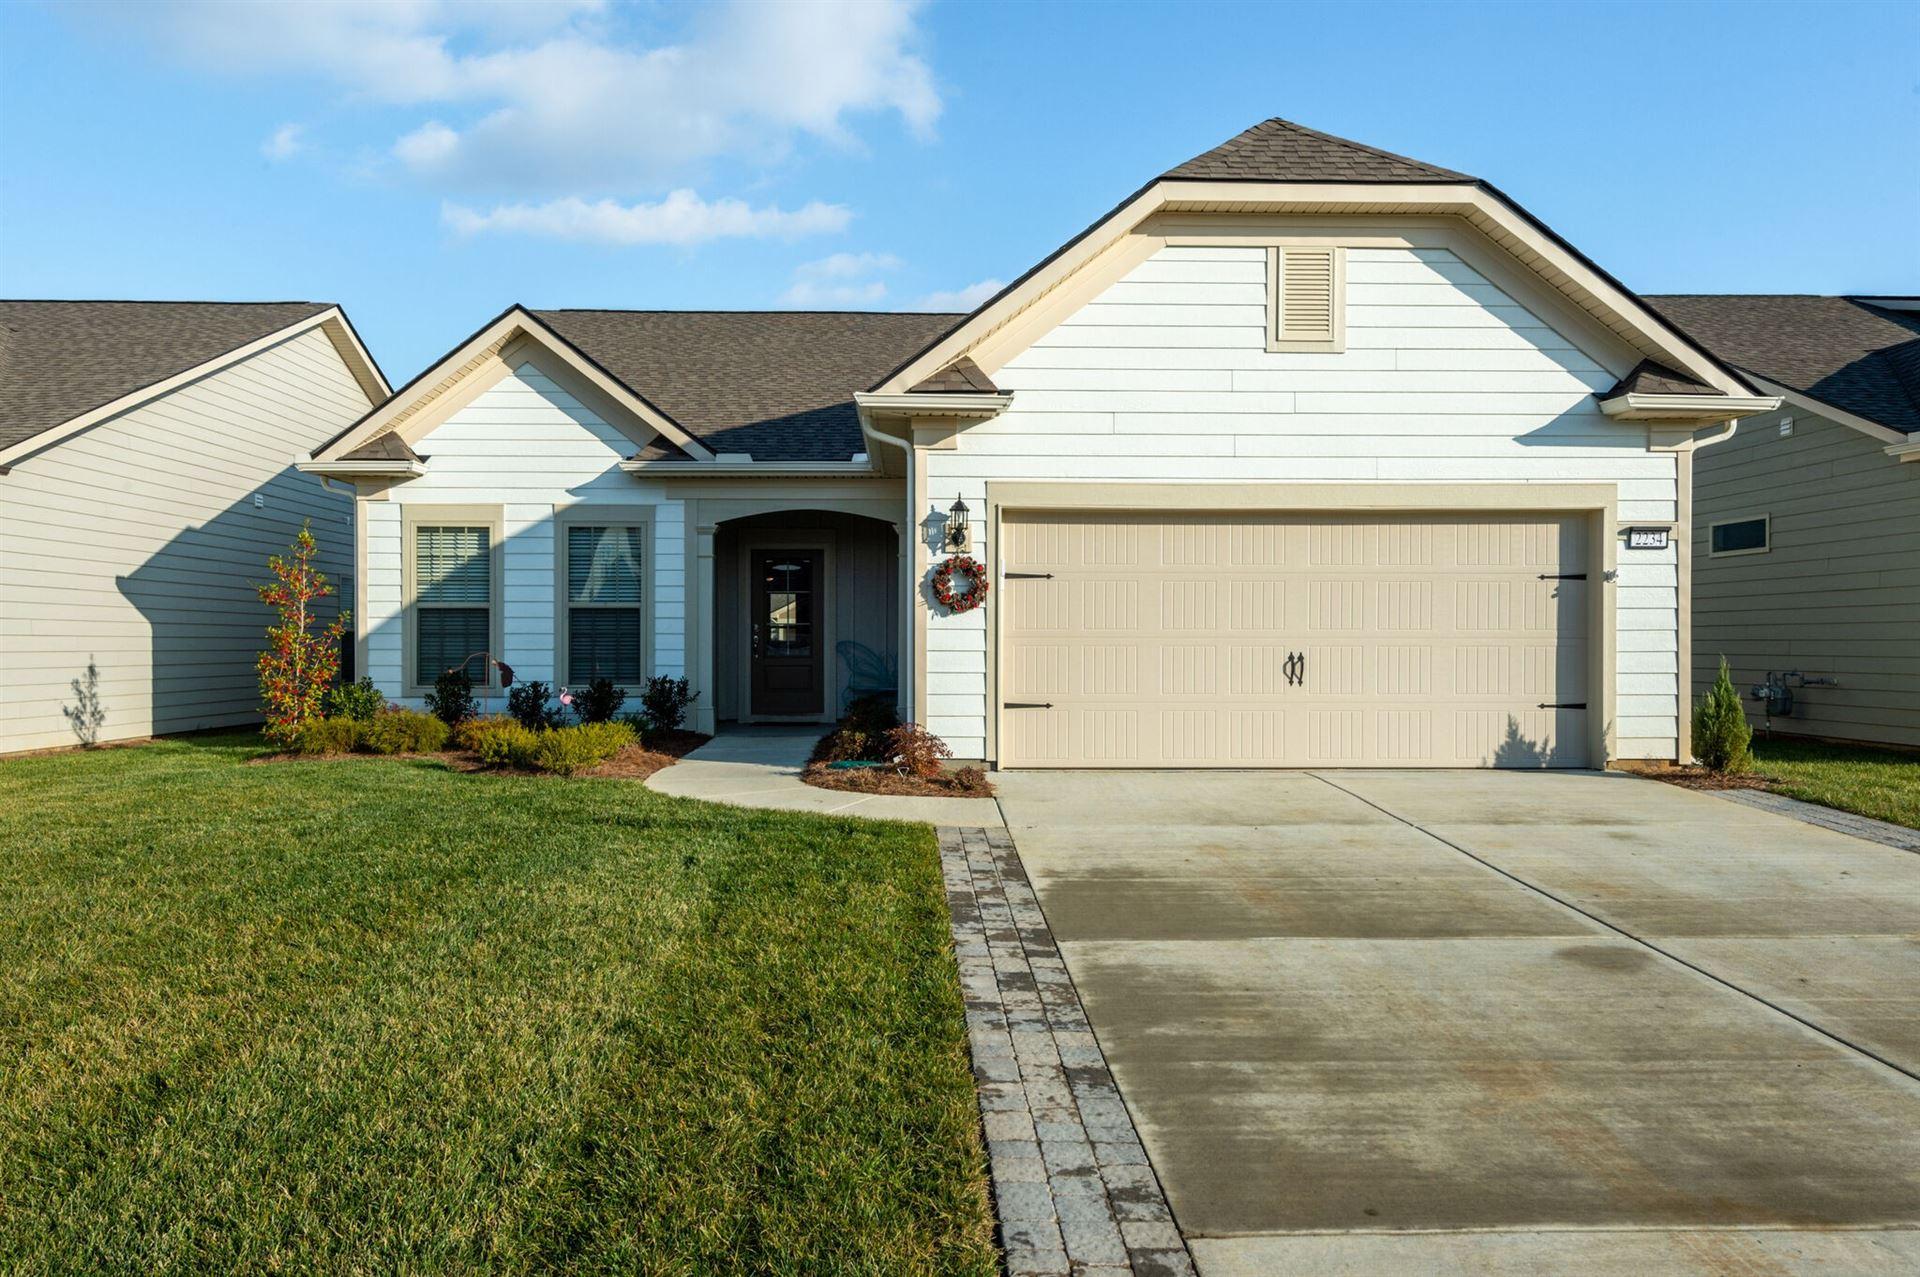 2234 Henderson Dr, Spring Hill, TN 37174 - MLS#: 2215281